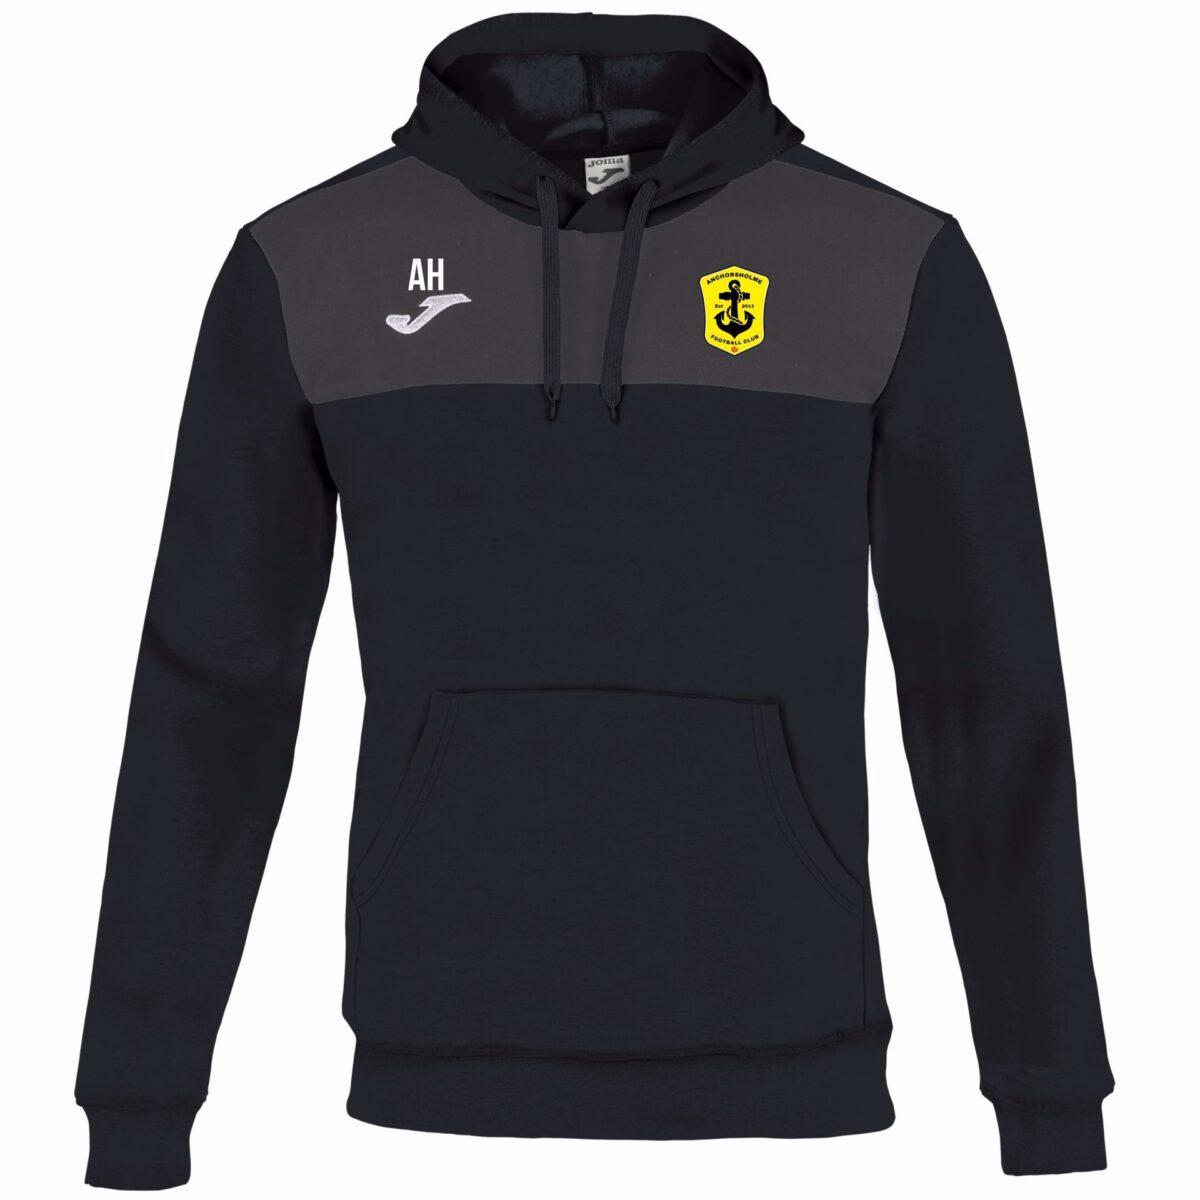 Winner Hooded Sweatshirt 101685.110 - Anchorsholme FC